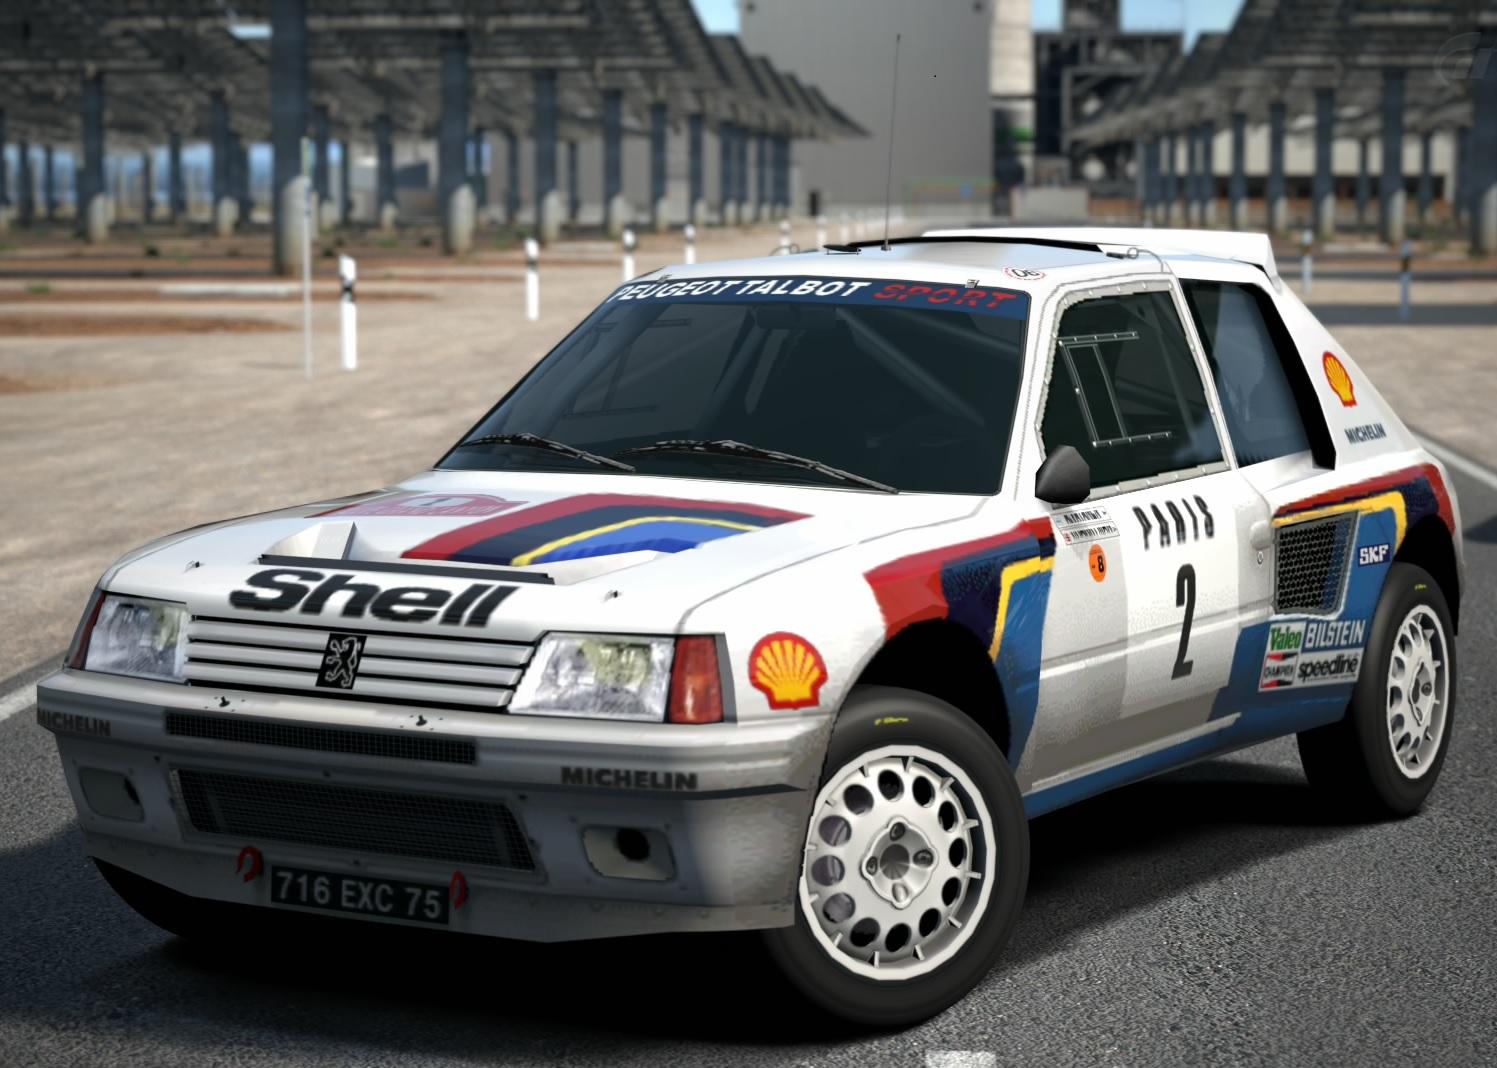 Peugeot 205 Turbo 16 Rally Car 85 Gran Turismo Wiki